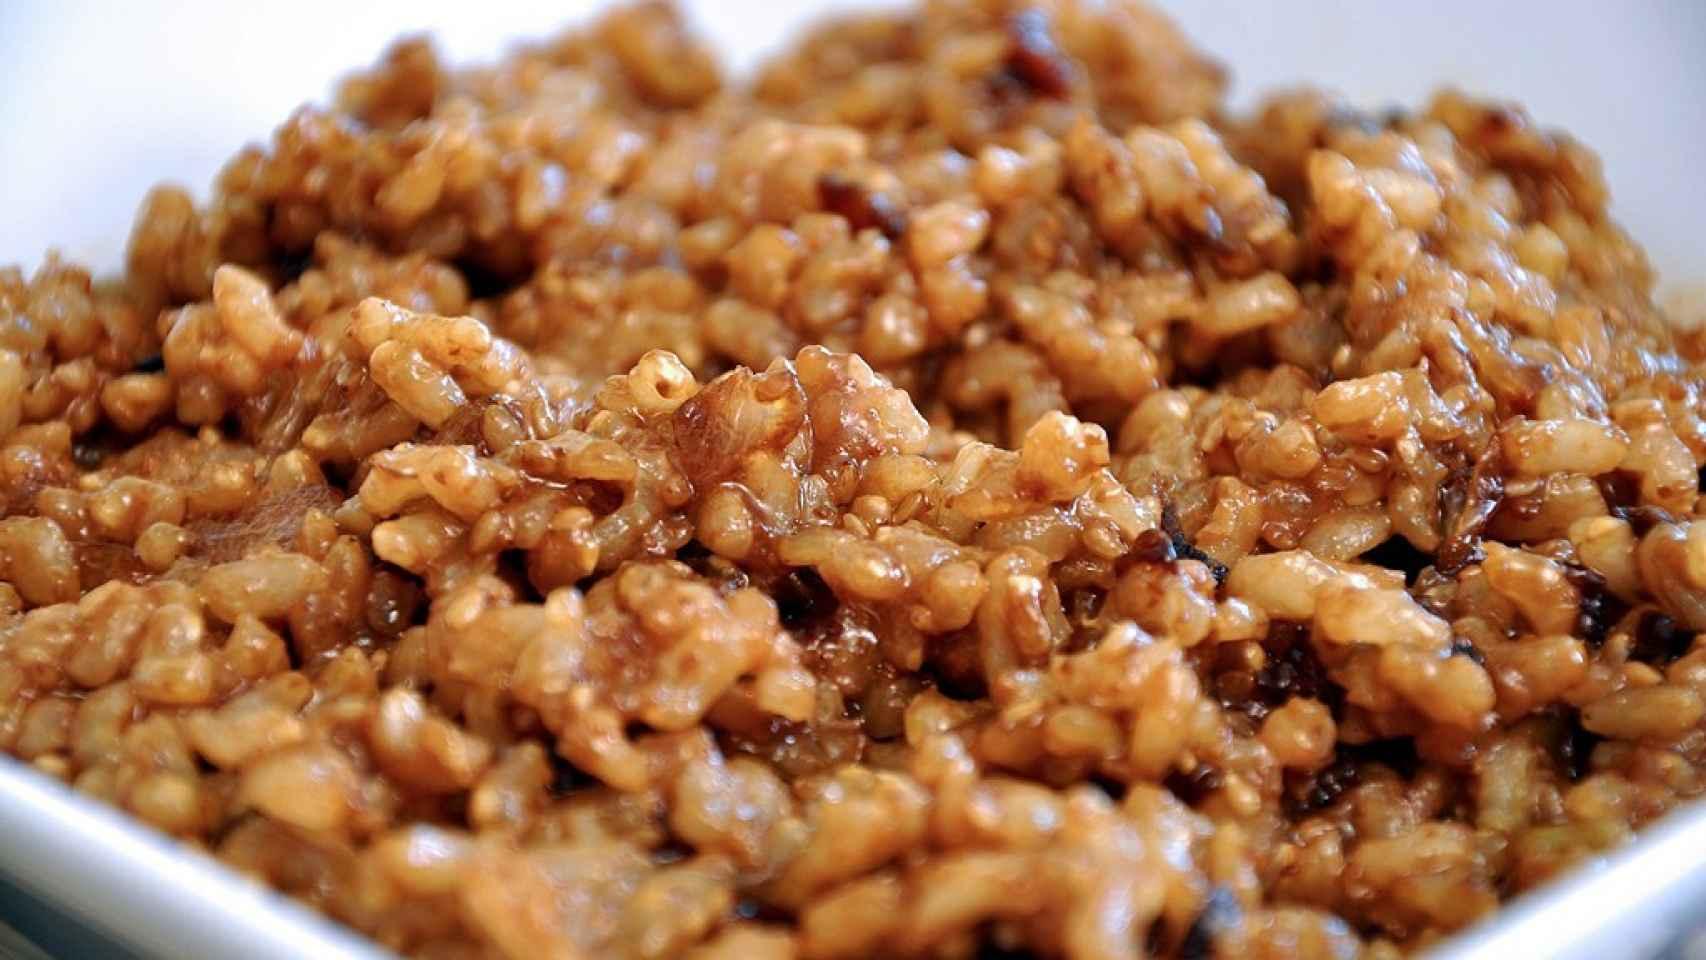 arroz-frito-indonesio-07